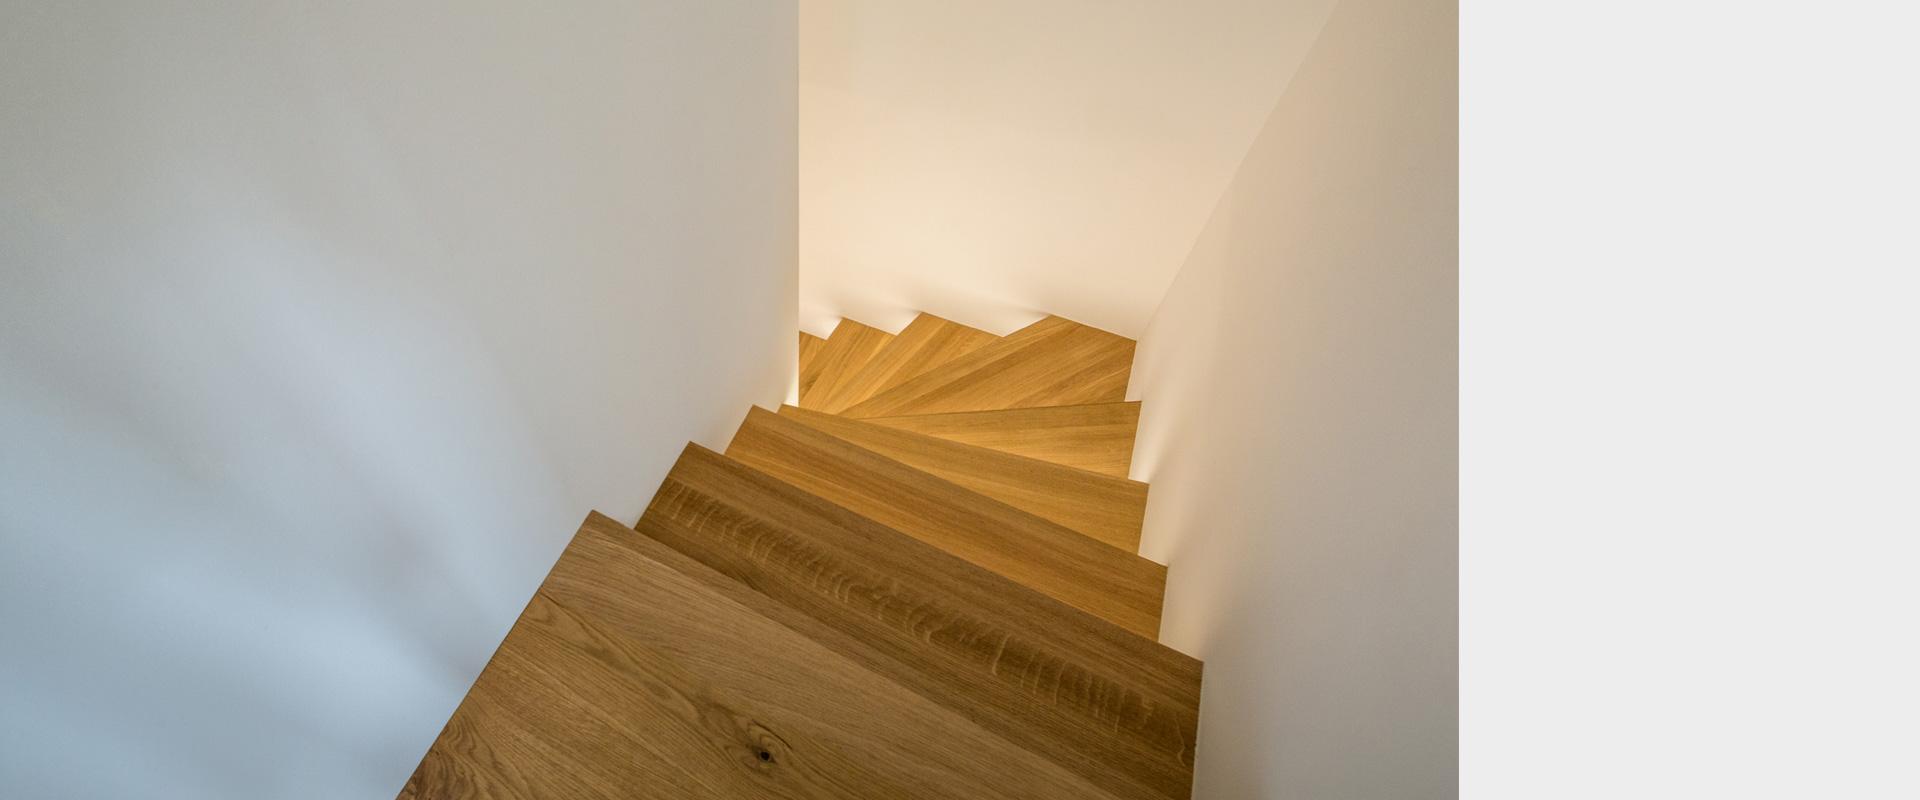 Architekturbüro musahl Waldshut Wohnhaus S. in Oberweschnegg Detail Treppe